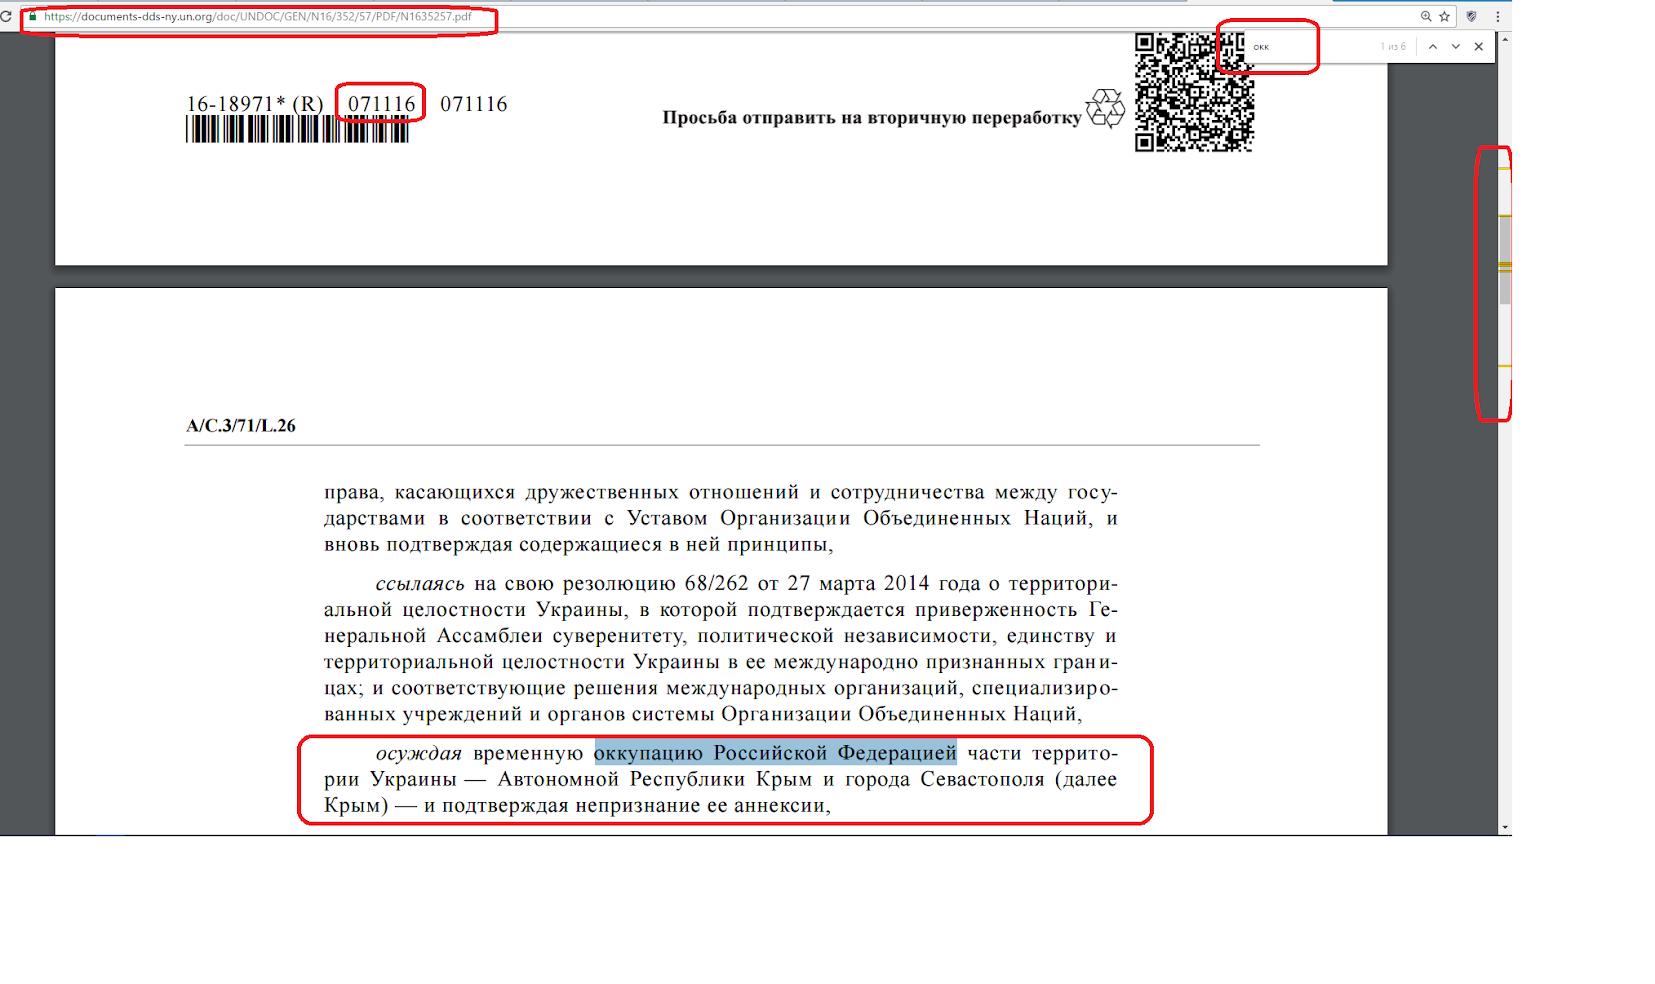 Россия больше не сможет утверждать, что оккупации Крыма нет, - Ельченко о резолюции ООН - Цензор.НЕТ 8885